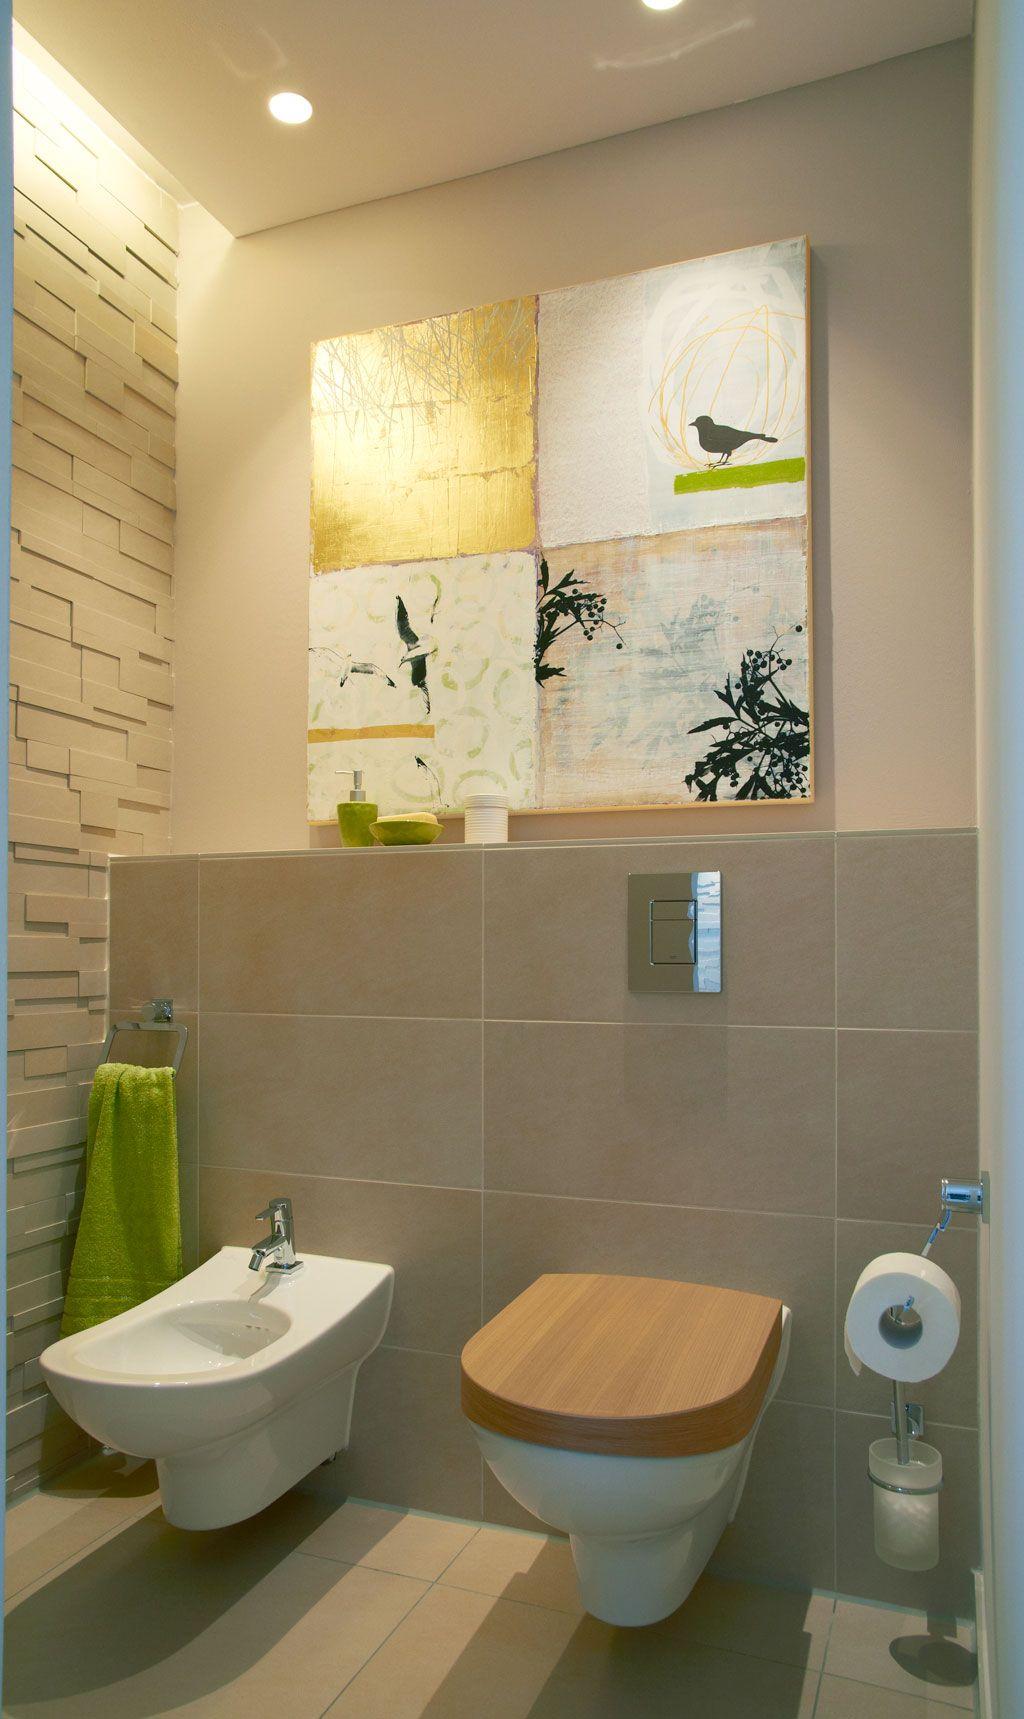 Wohnideen Naturfarben edition 500 b wohnidee haus ein bungalow mit frischen wohnideen